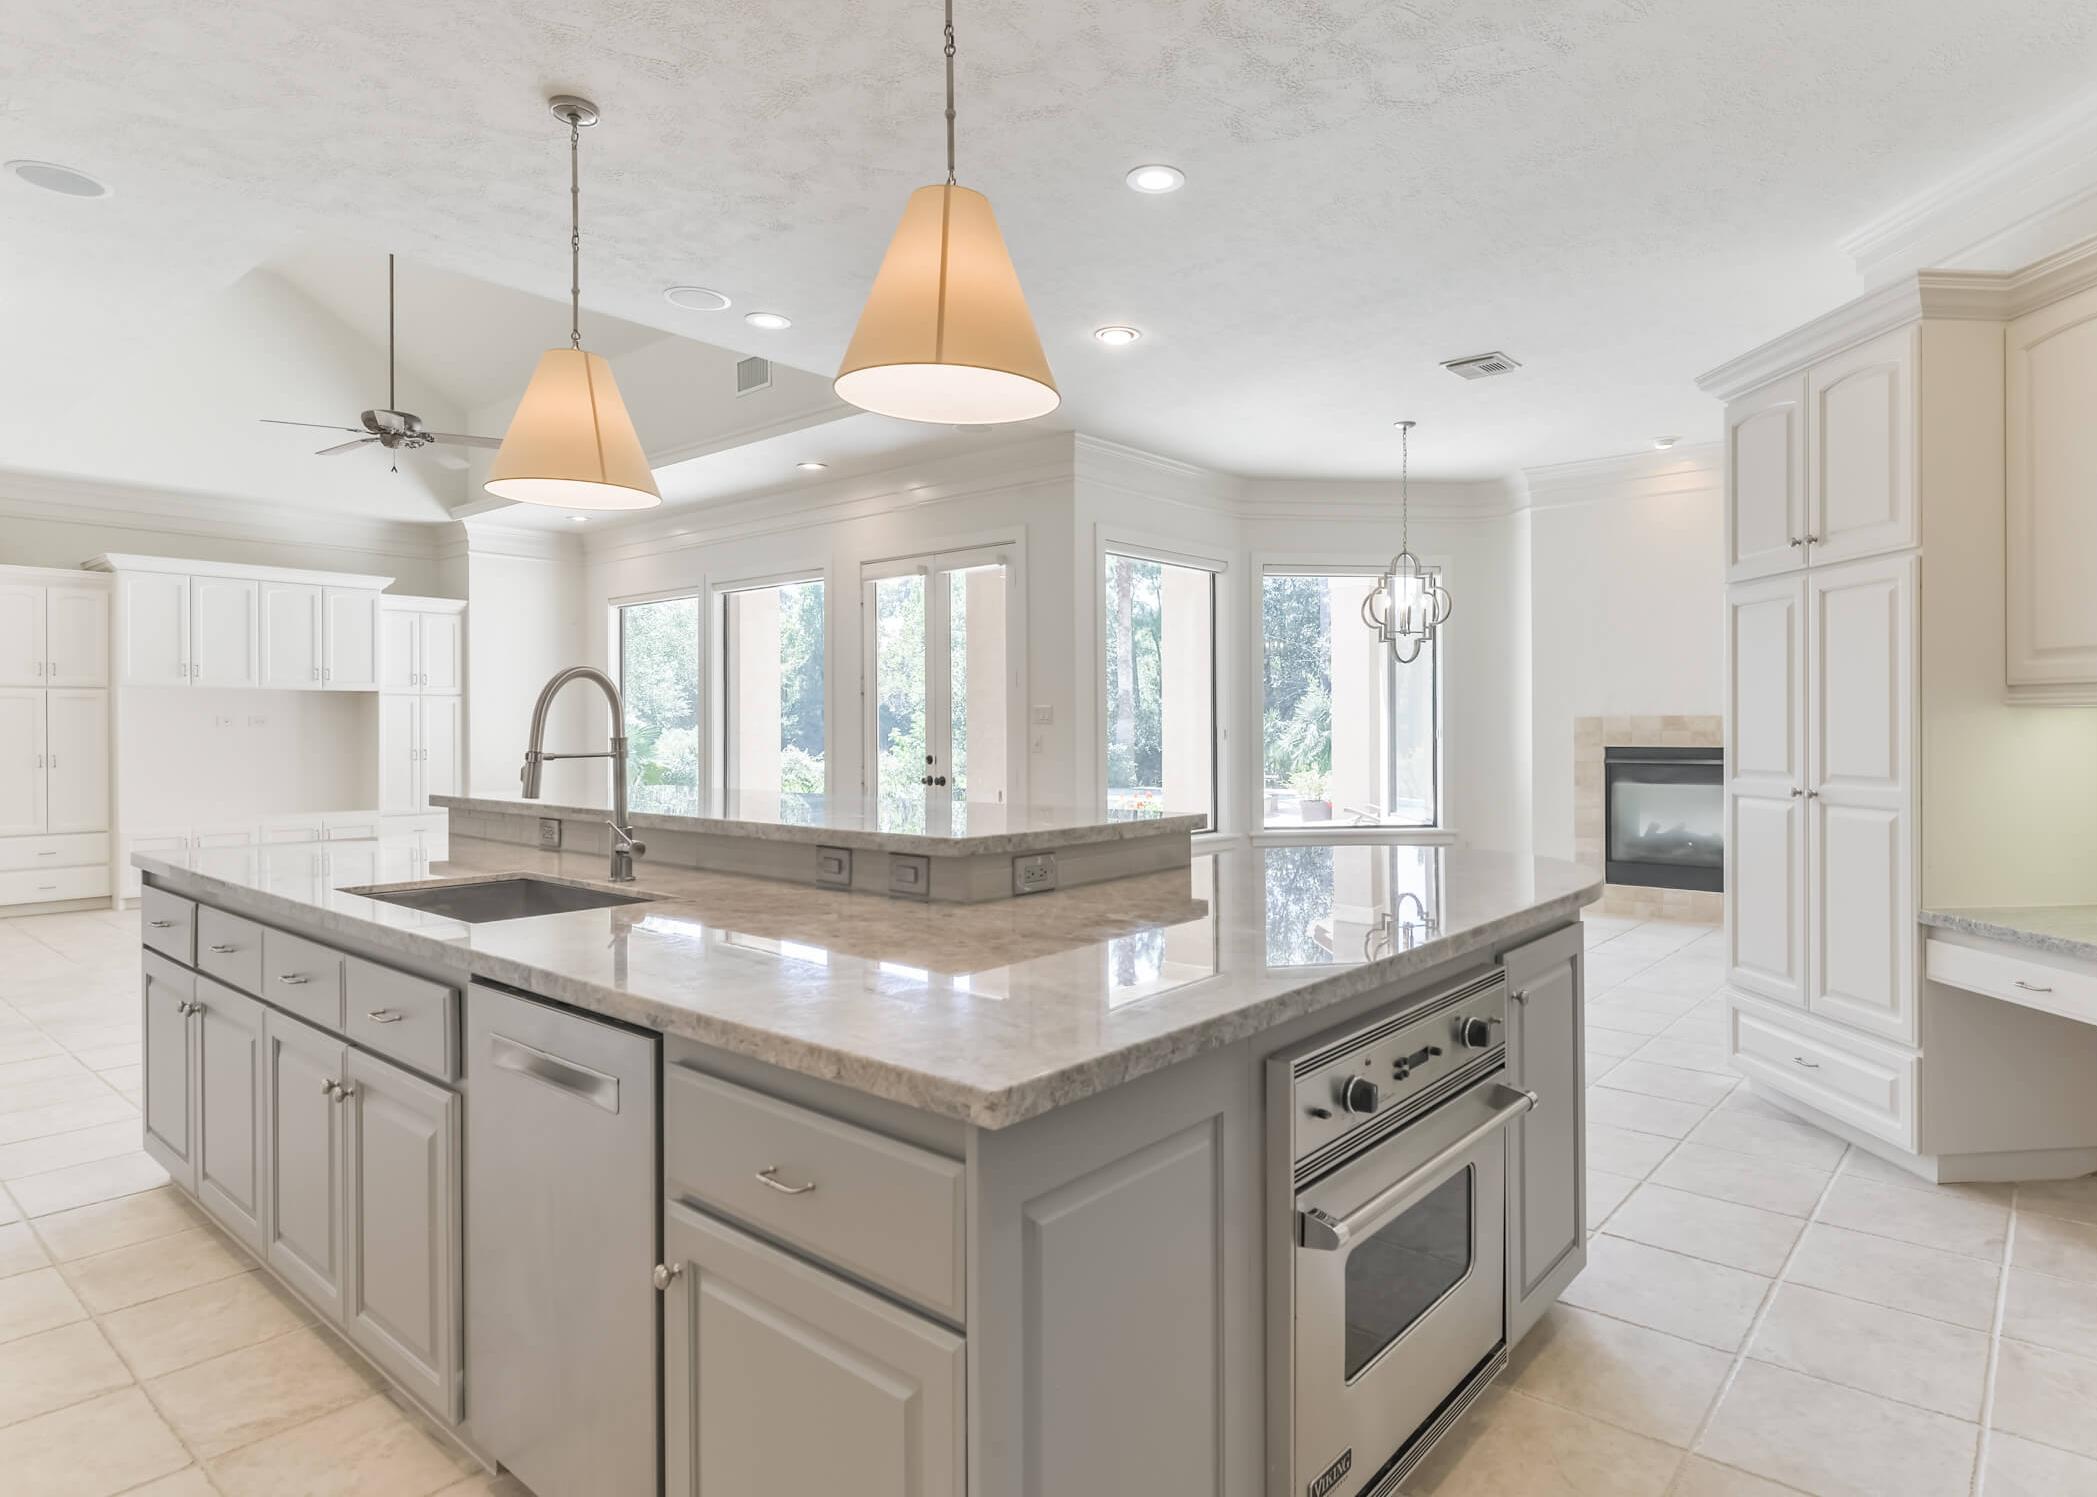 """""""AFTER"""" KITCHEN REMODEL - Designer: Carla Aston #kitchenremodel #graykitchen #kitchenisland #kitchenremodelideas #kitchenislandideas"""